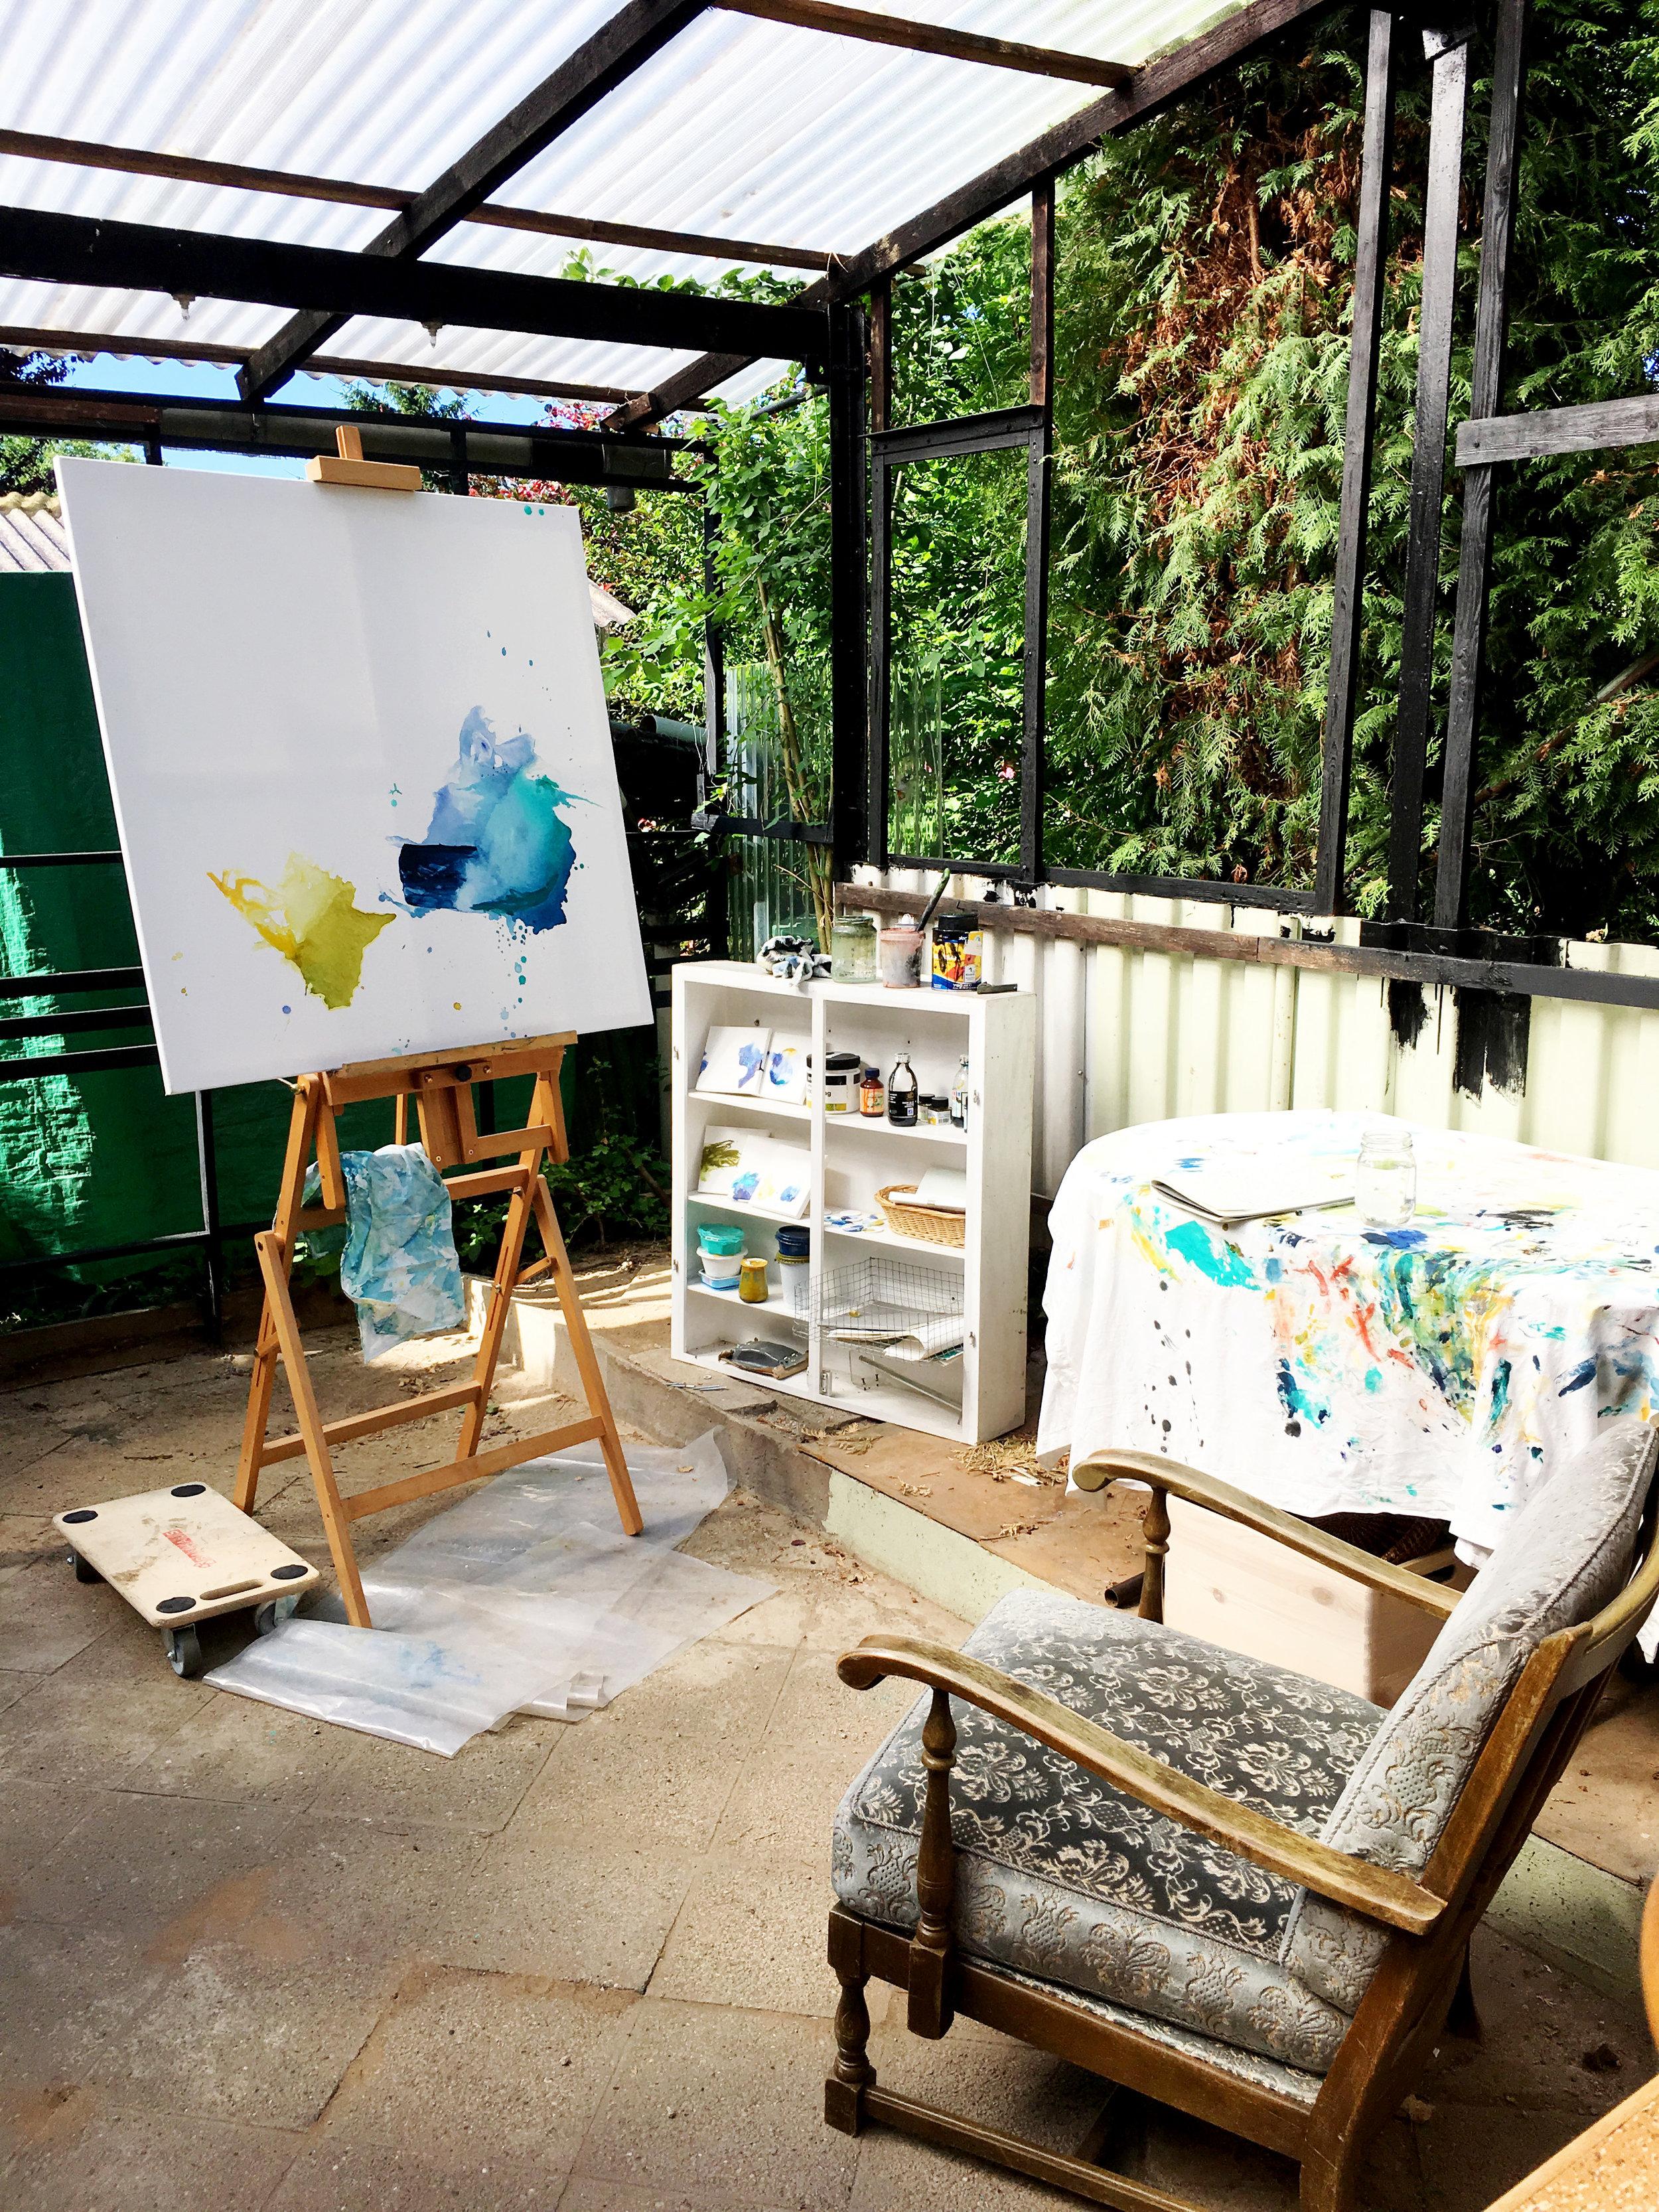 SummerInTheStudio_AnnaBaer_ArtistBlogger8.jpg